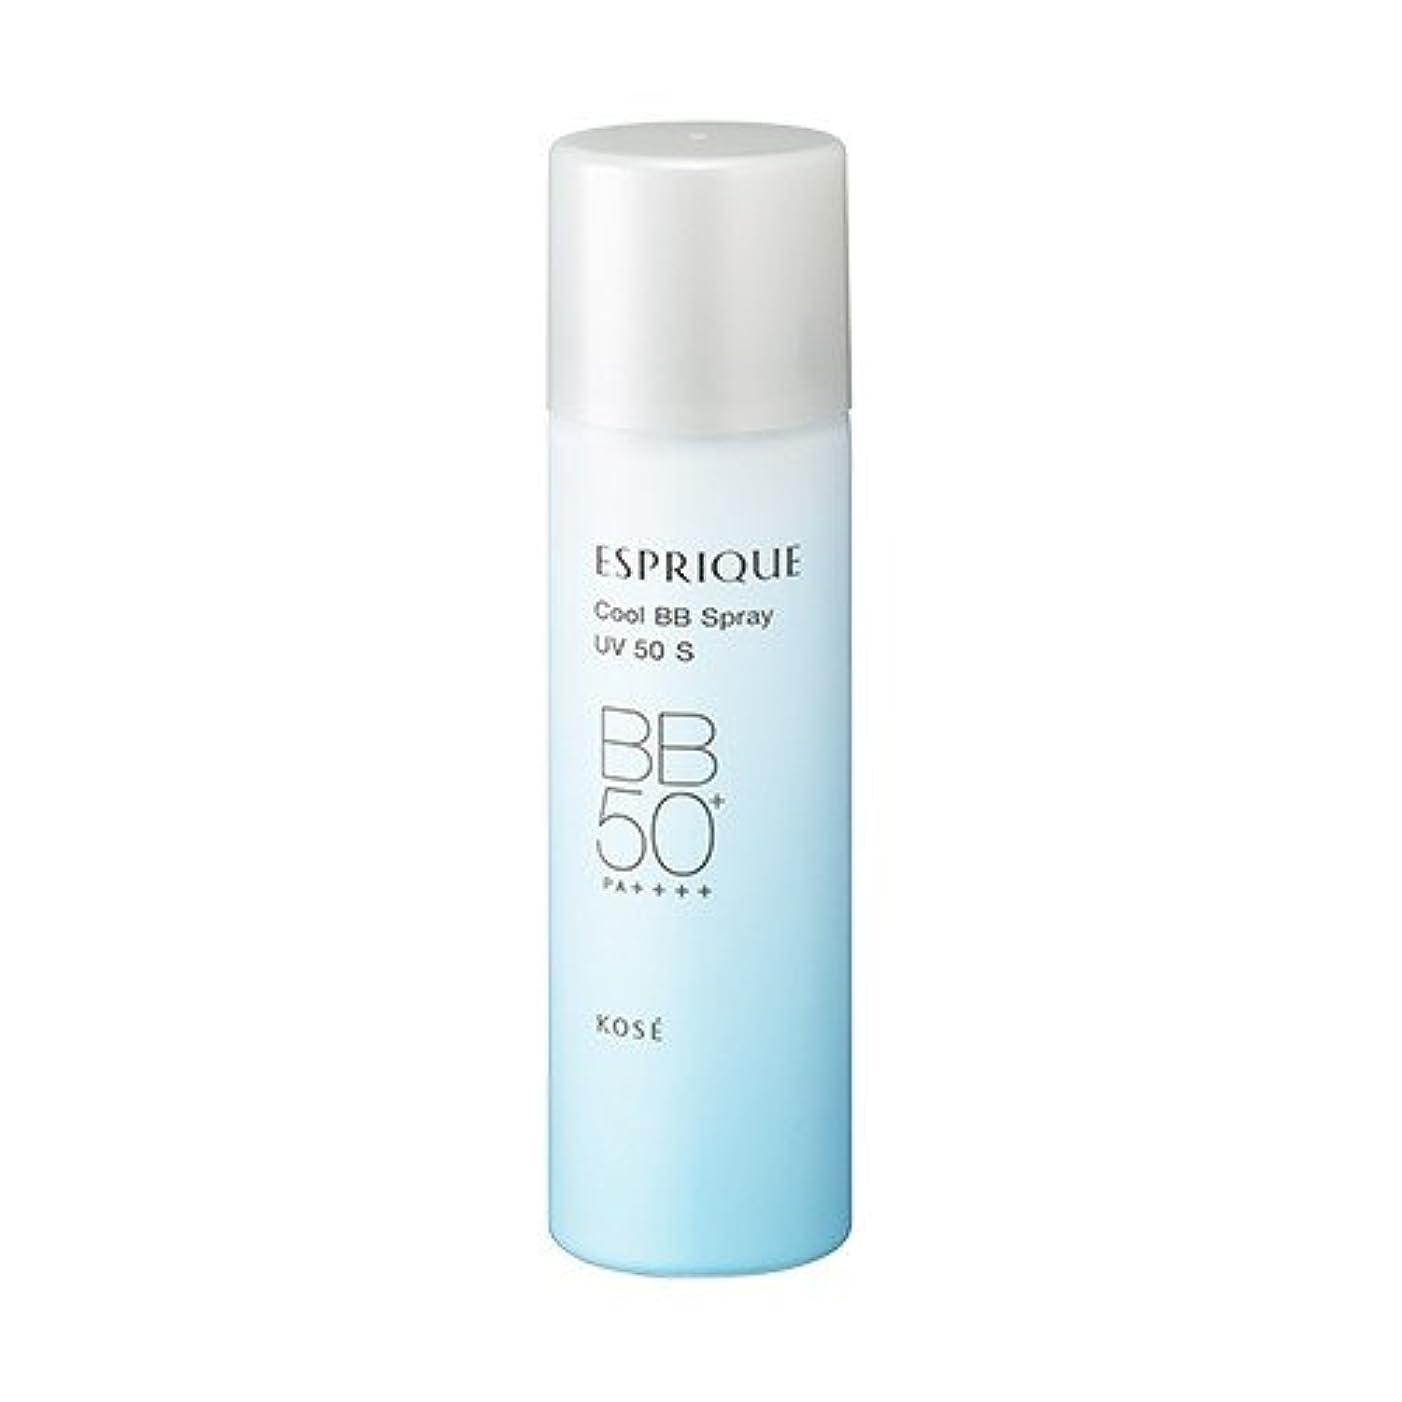 人工的なシールドピカソコーセー エスプリーク ひんやりタッチ BBスプレー UV 50 S 35g #02 標準的な肌色